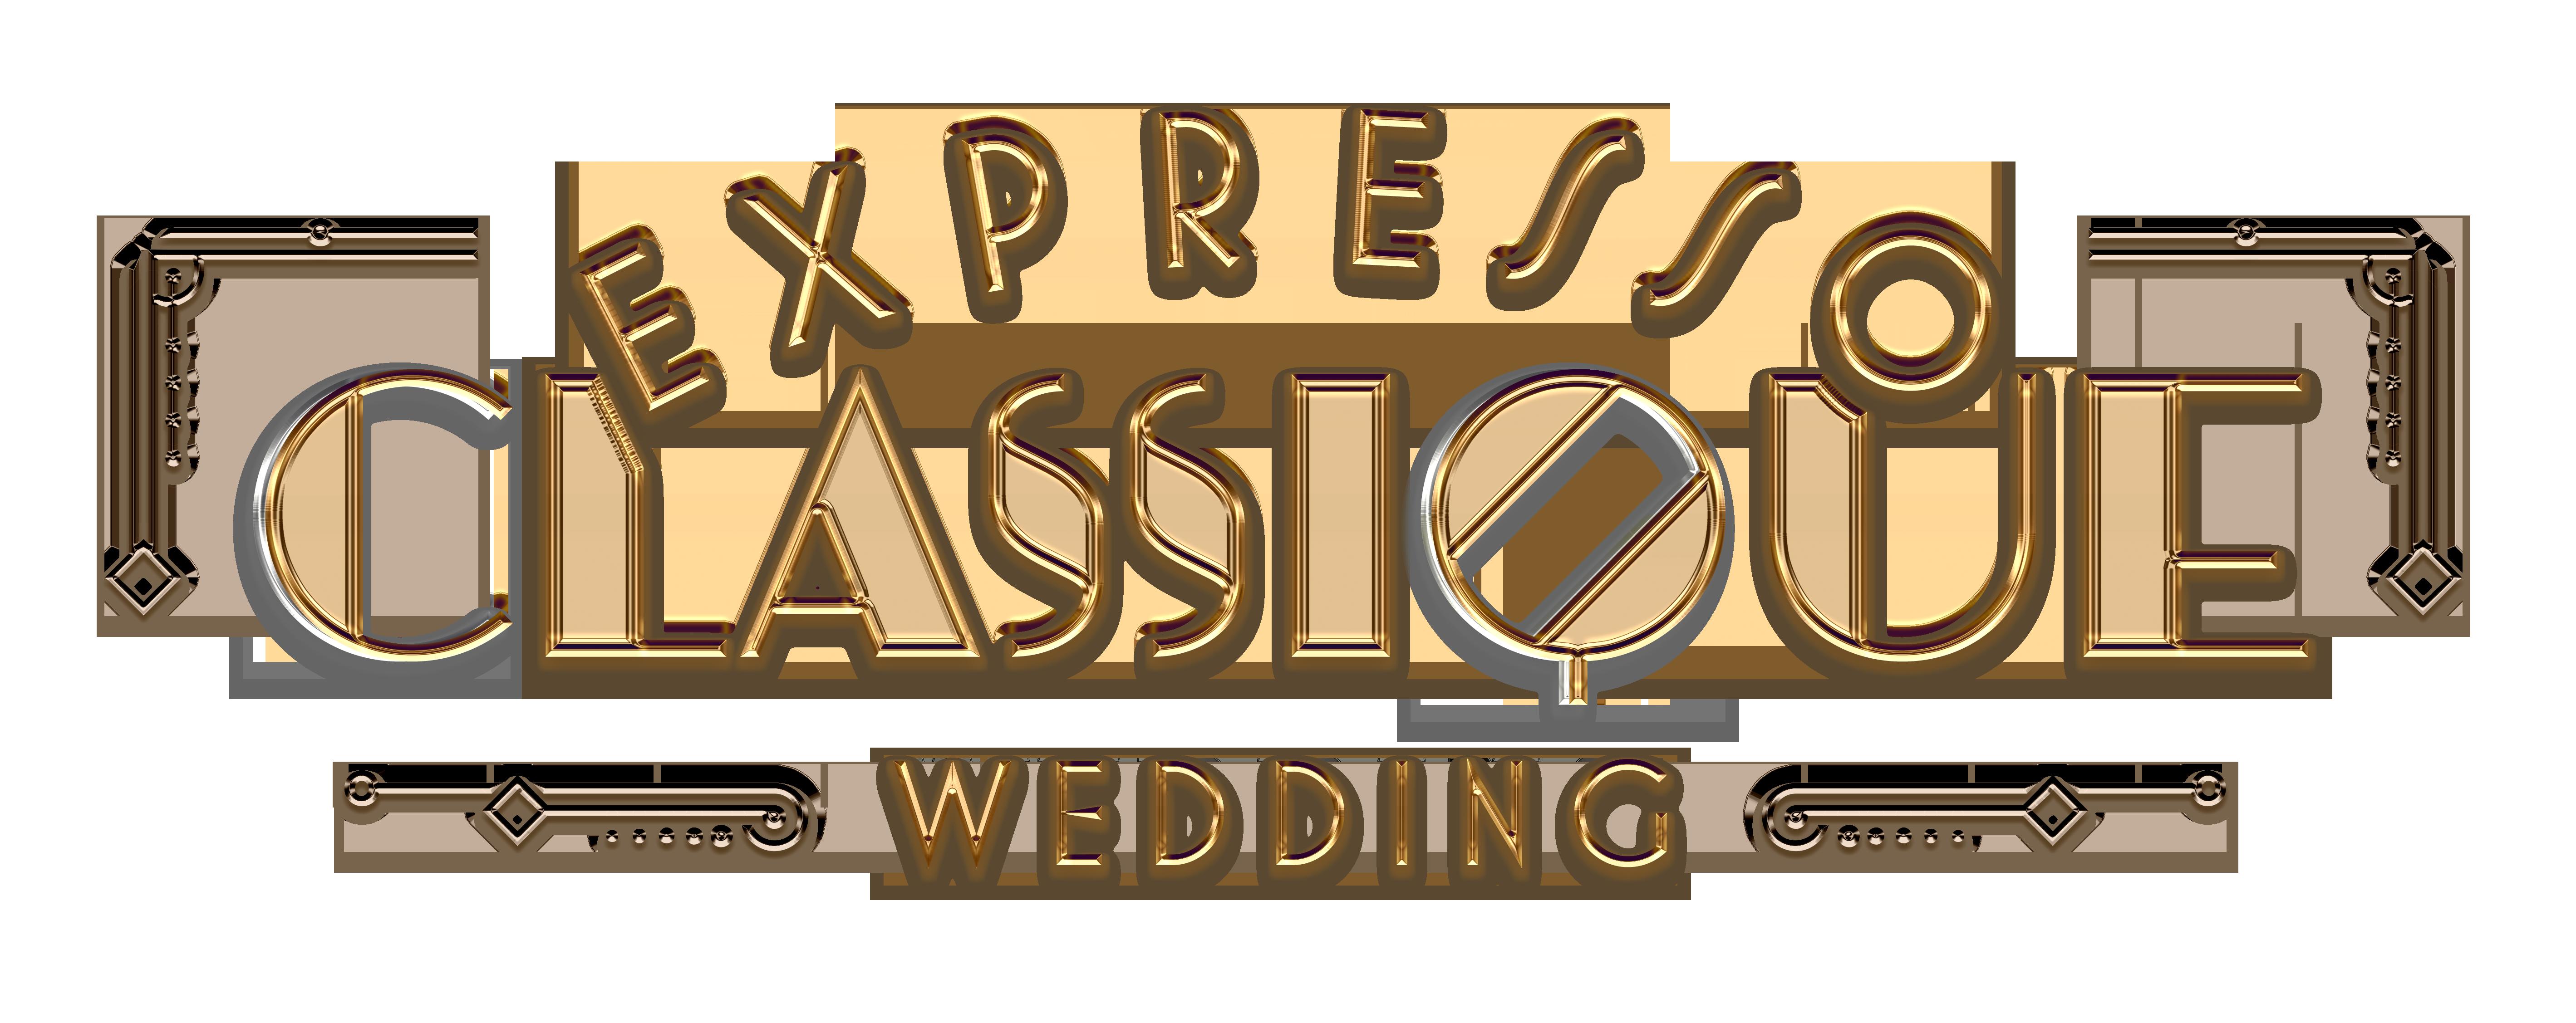 Expresso Classique Wedding